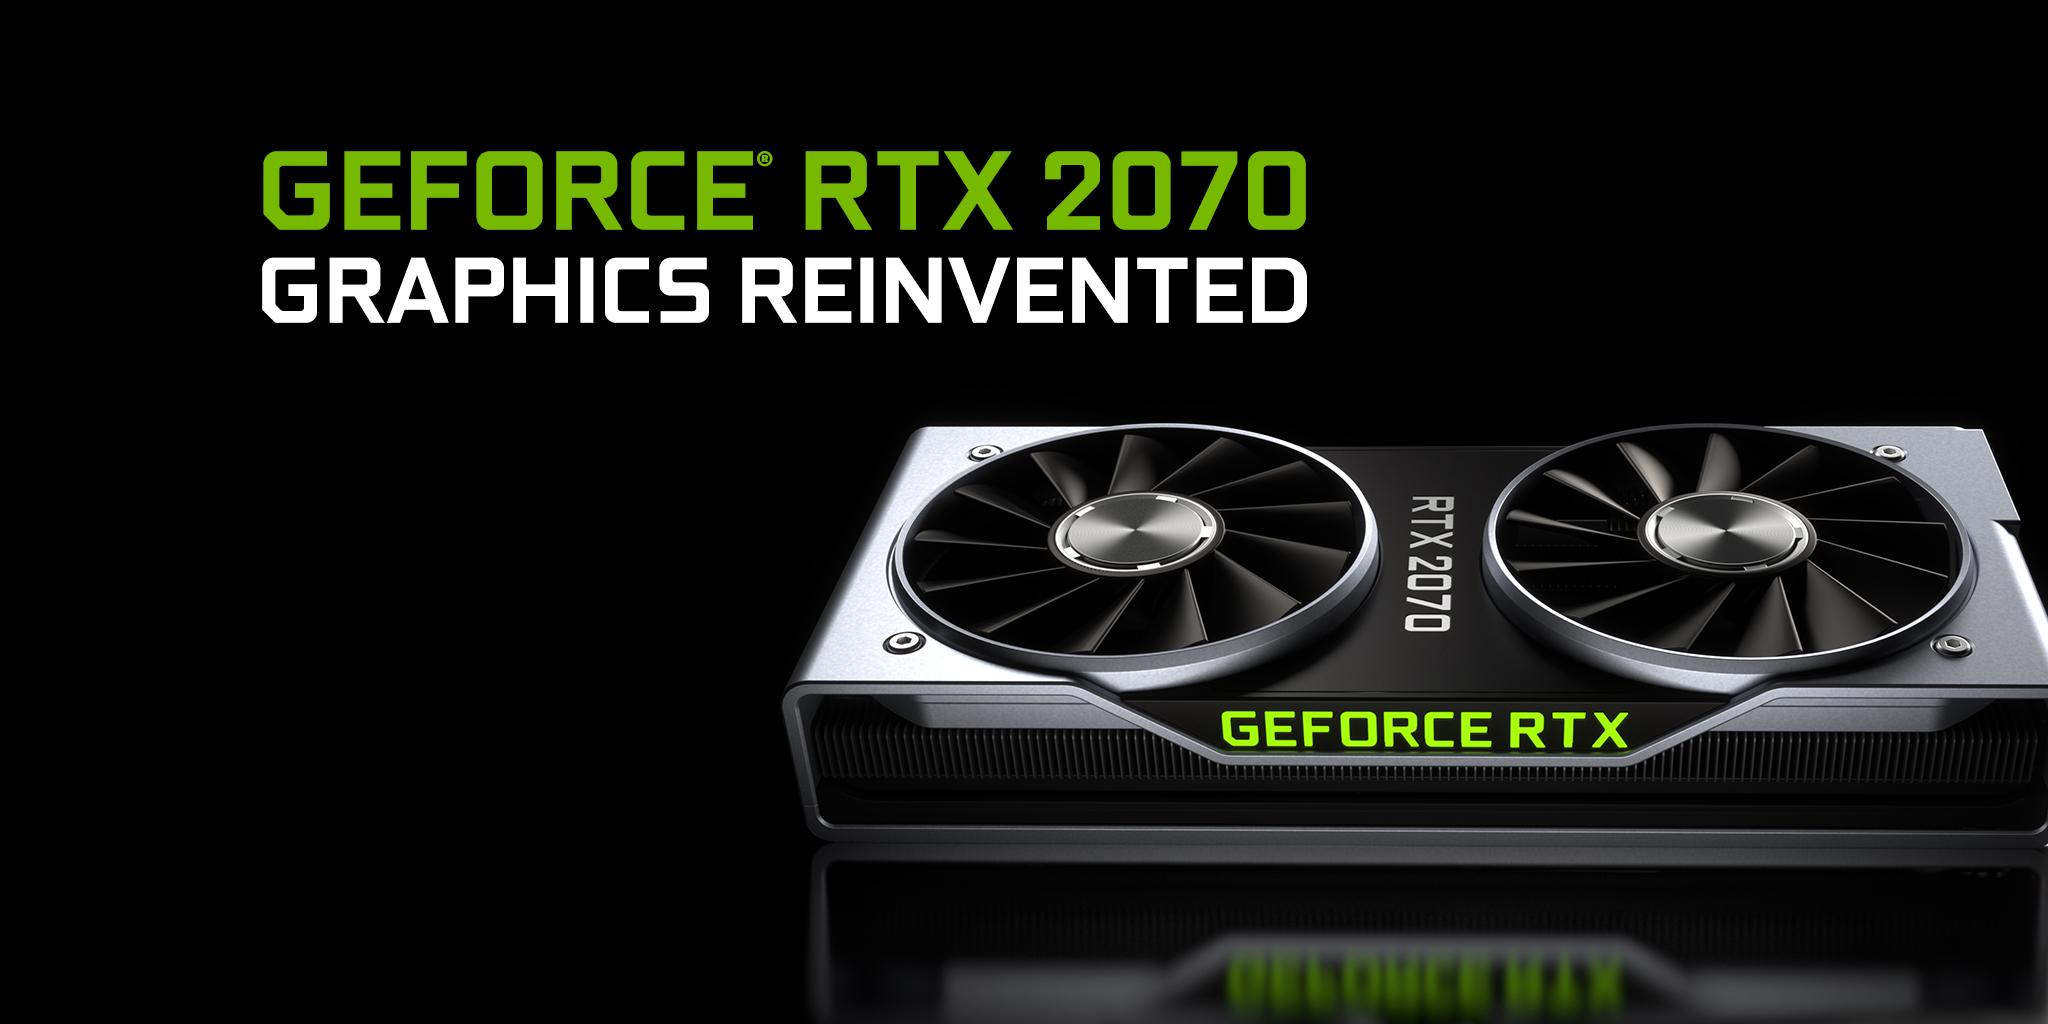 Asus annuncia le nuove versioni della scheda video GeForce RTX 2070 thumbnail